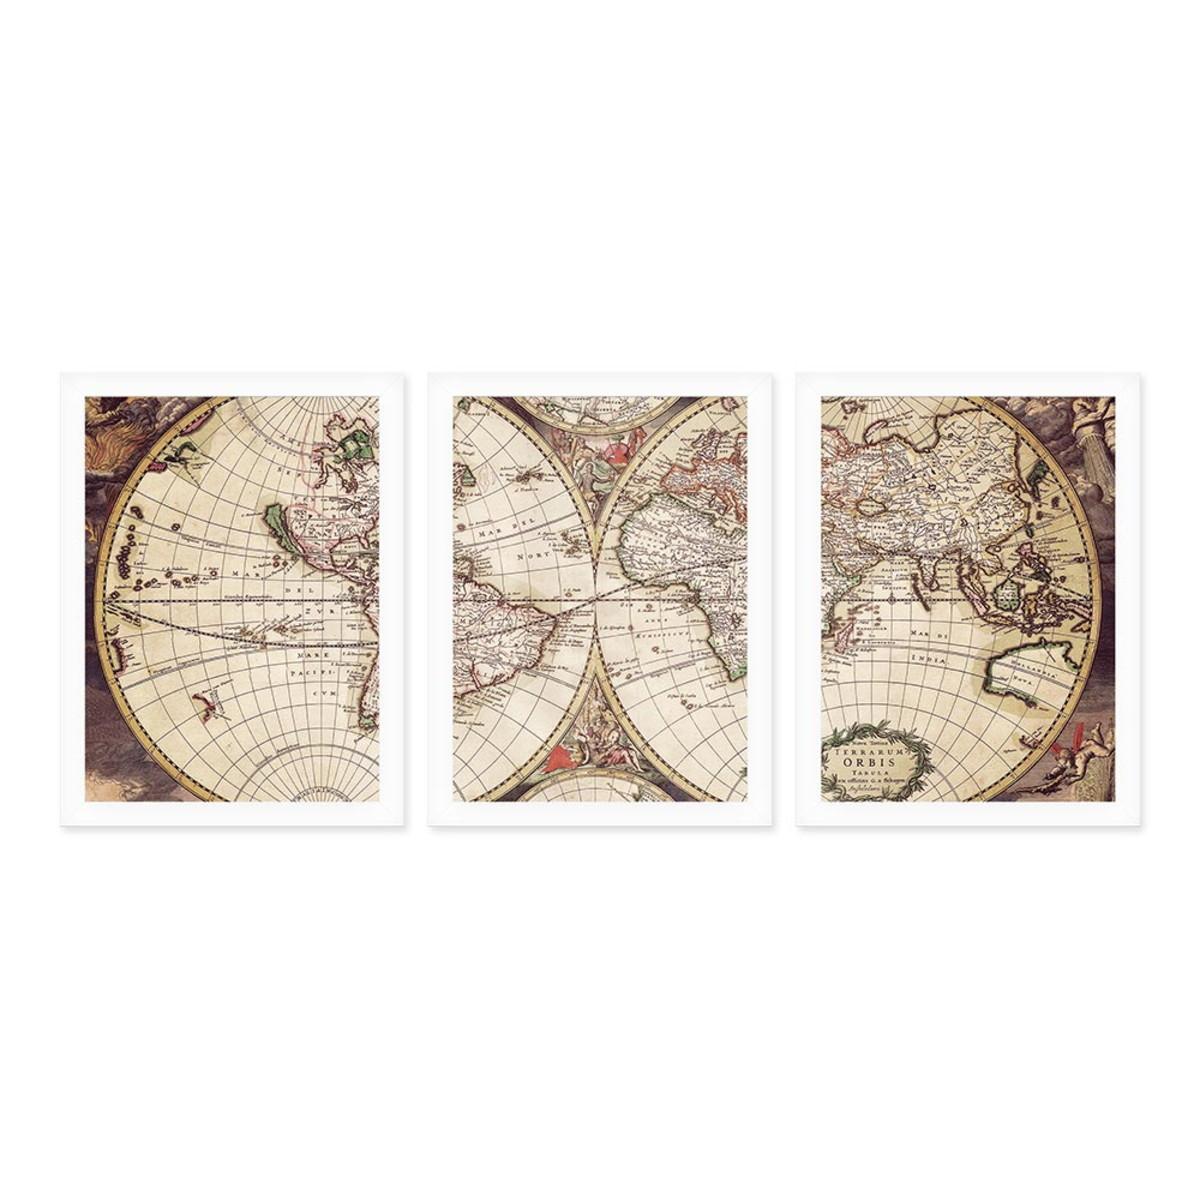 Kit 3 Quadros 27x36 Mapa Mundi Antigo No Elo7 Quero Mais